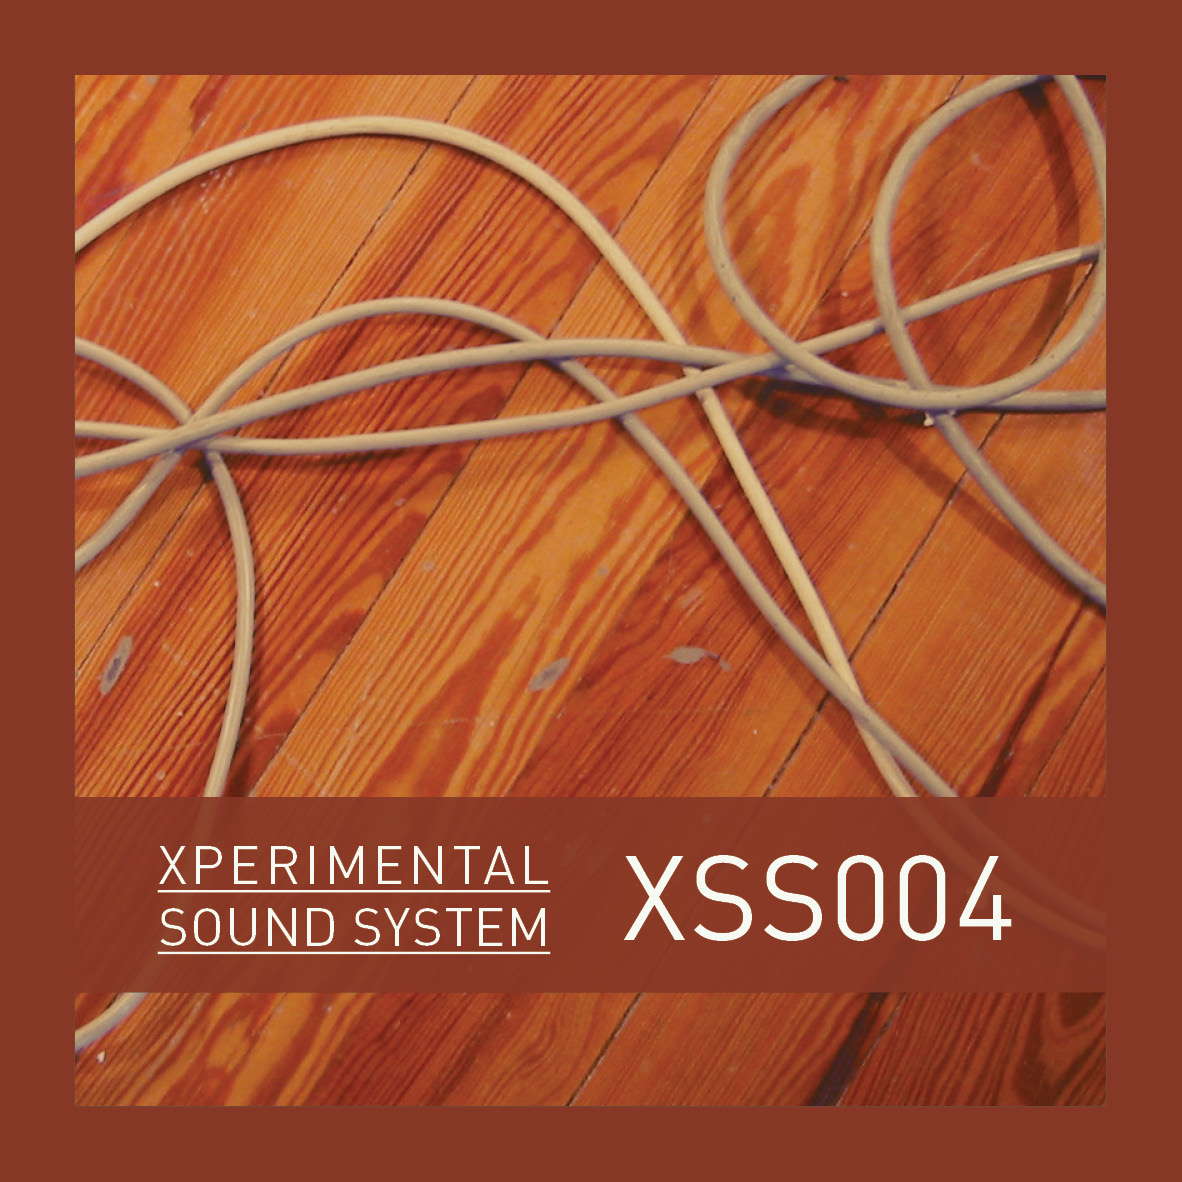 XSS004